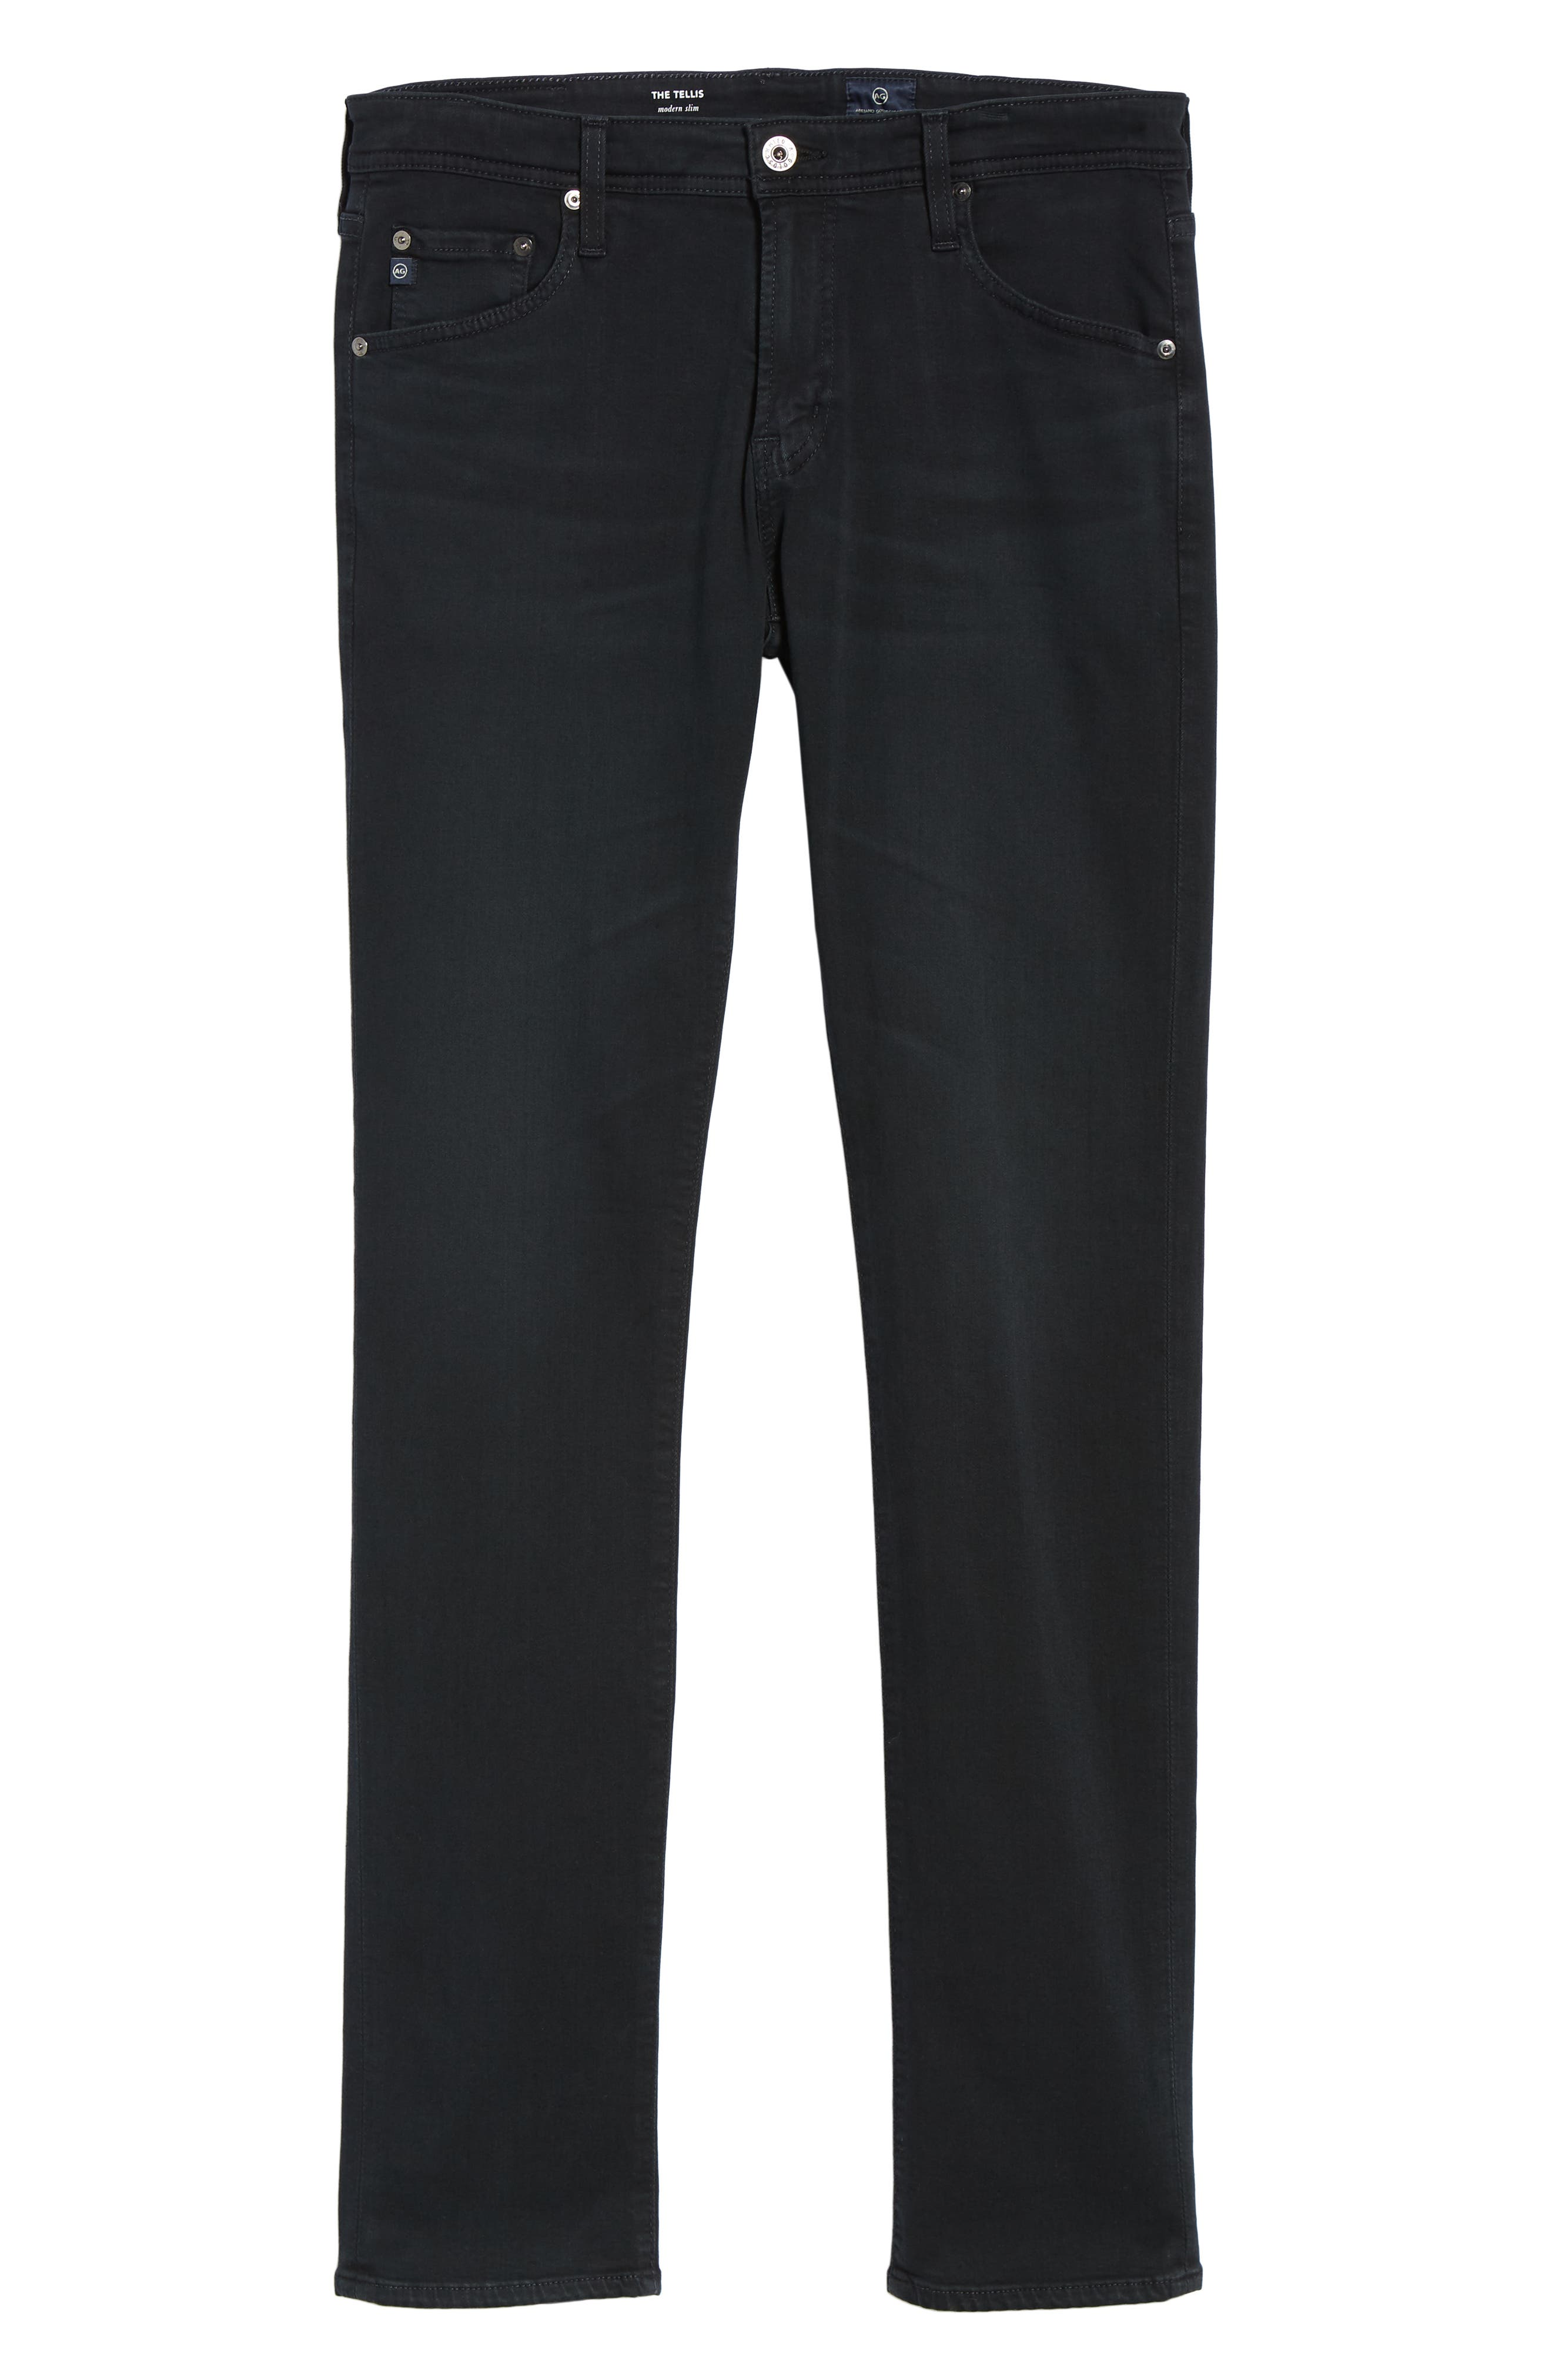 Tellis Slim Fit Jeans,                             Alternate thumbnail 6, color,                             BIG SUR